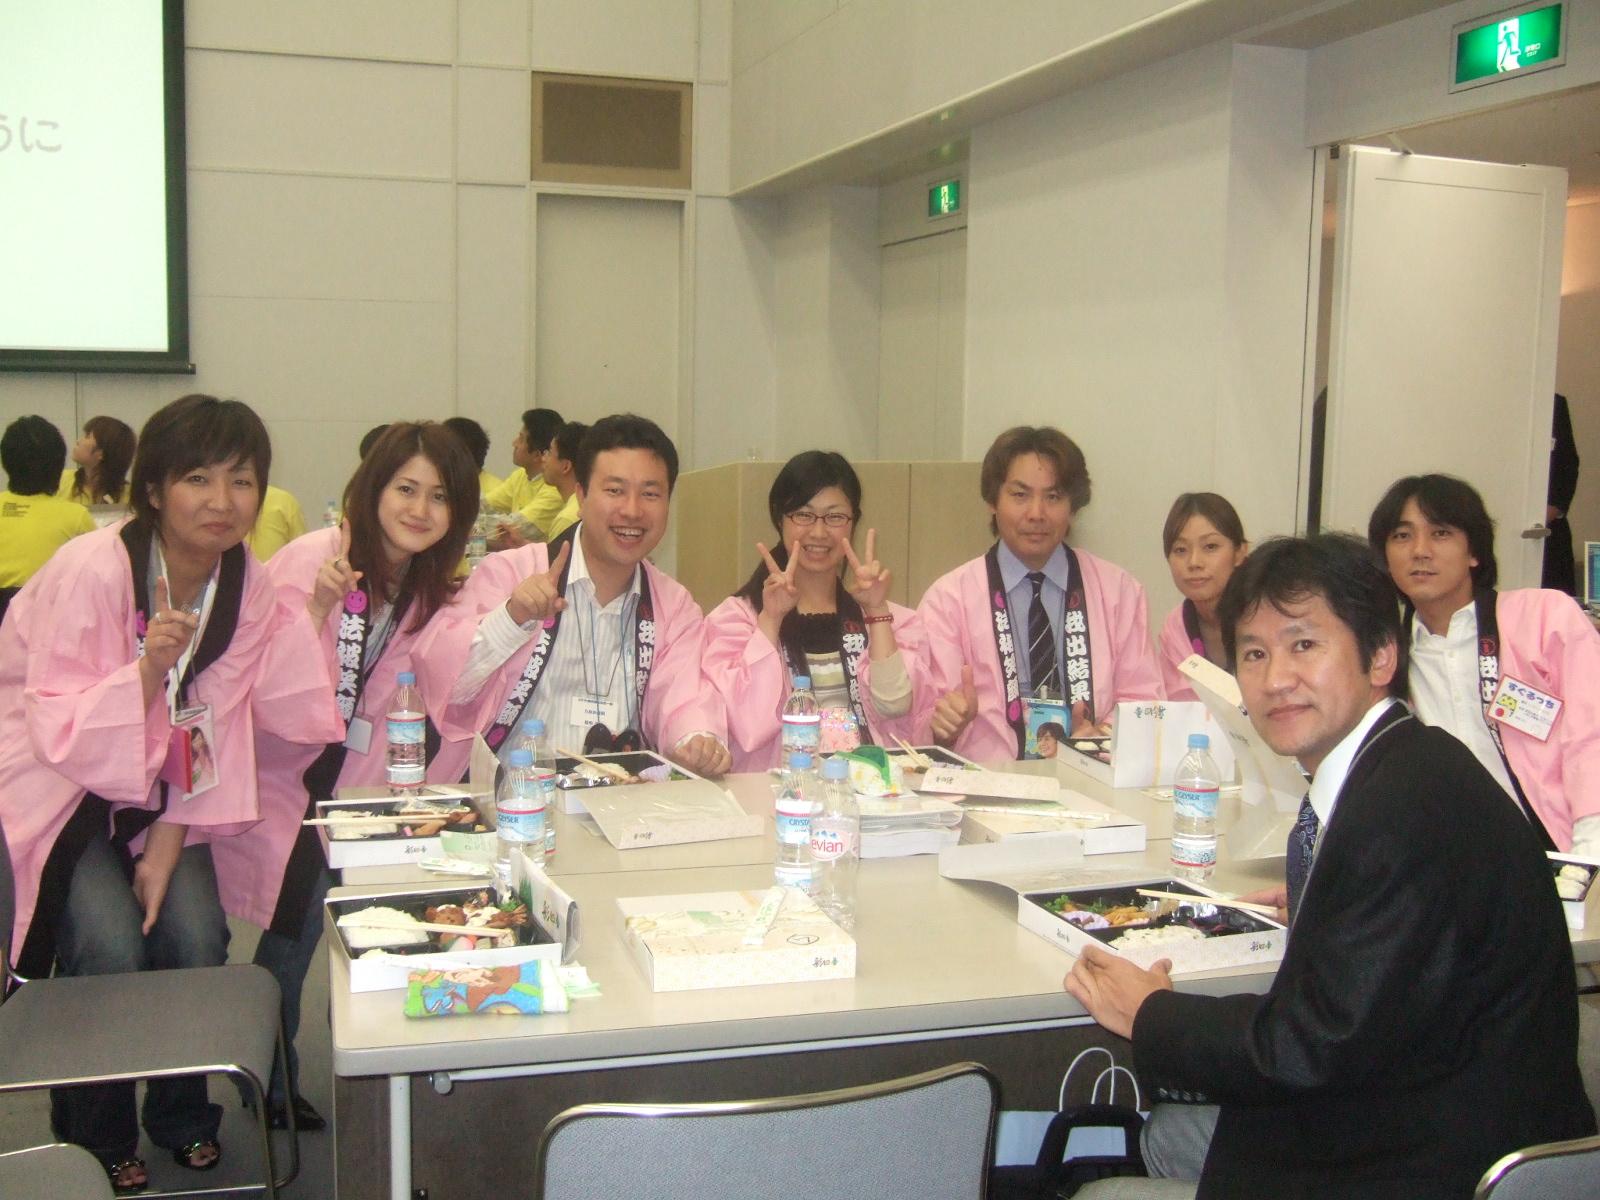 経営塾ではお昼もチームごとに食べます。ちなみに、お昼にもチームで話す宿題があります。